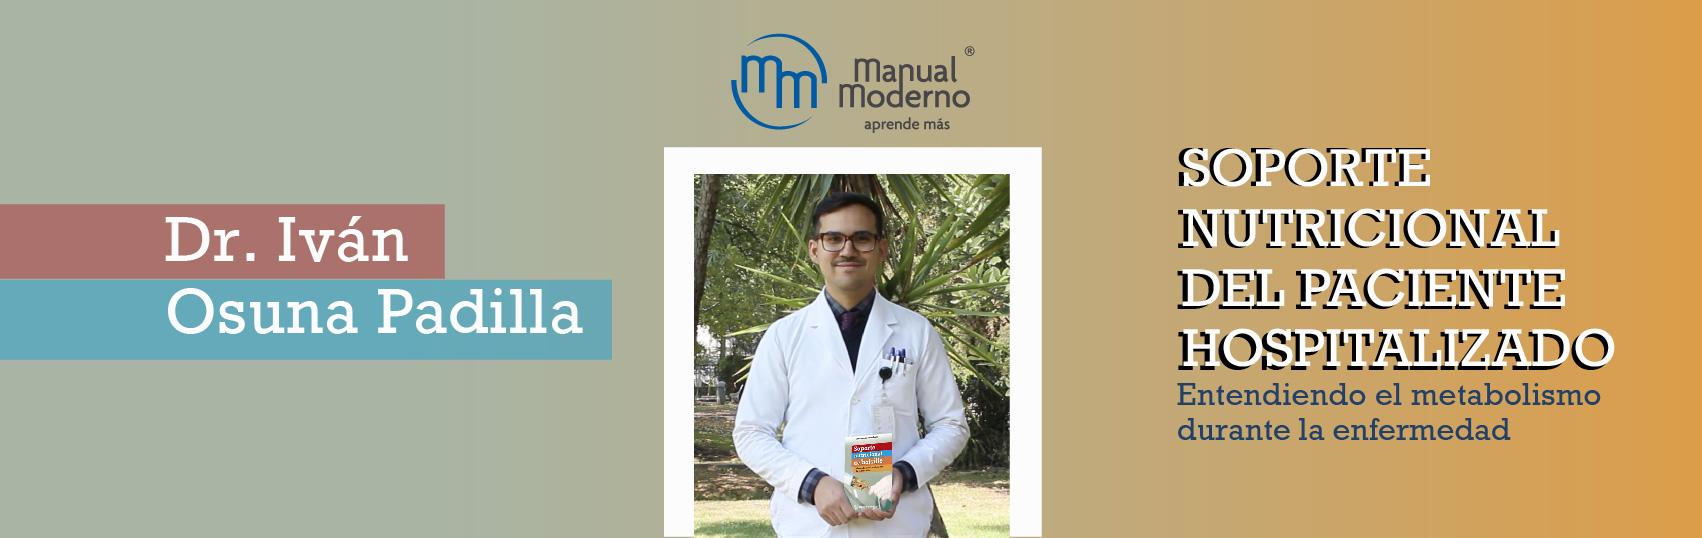 SOPORTE NUTRICIONAL DEL PACIENTE HOSPITALIZADO – Entendiendo el metabolismo durante la enfermedad